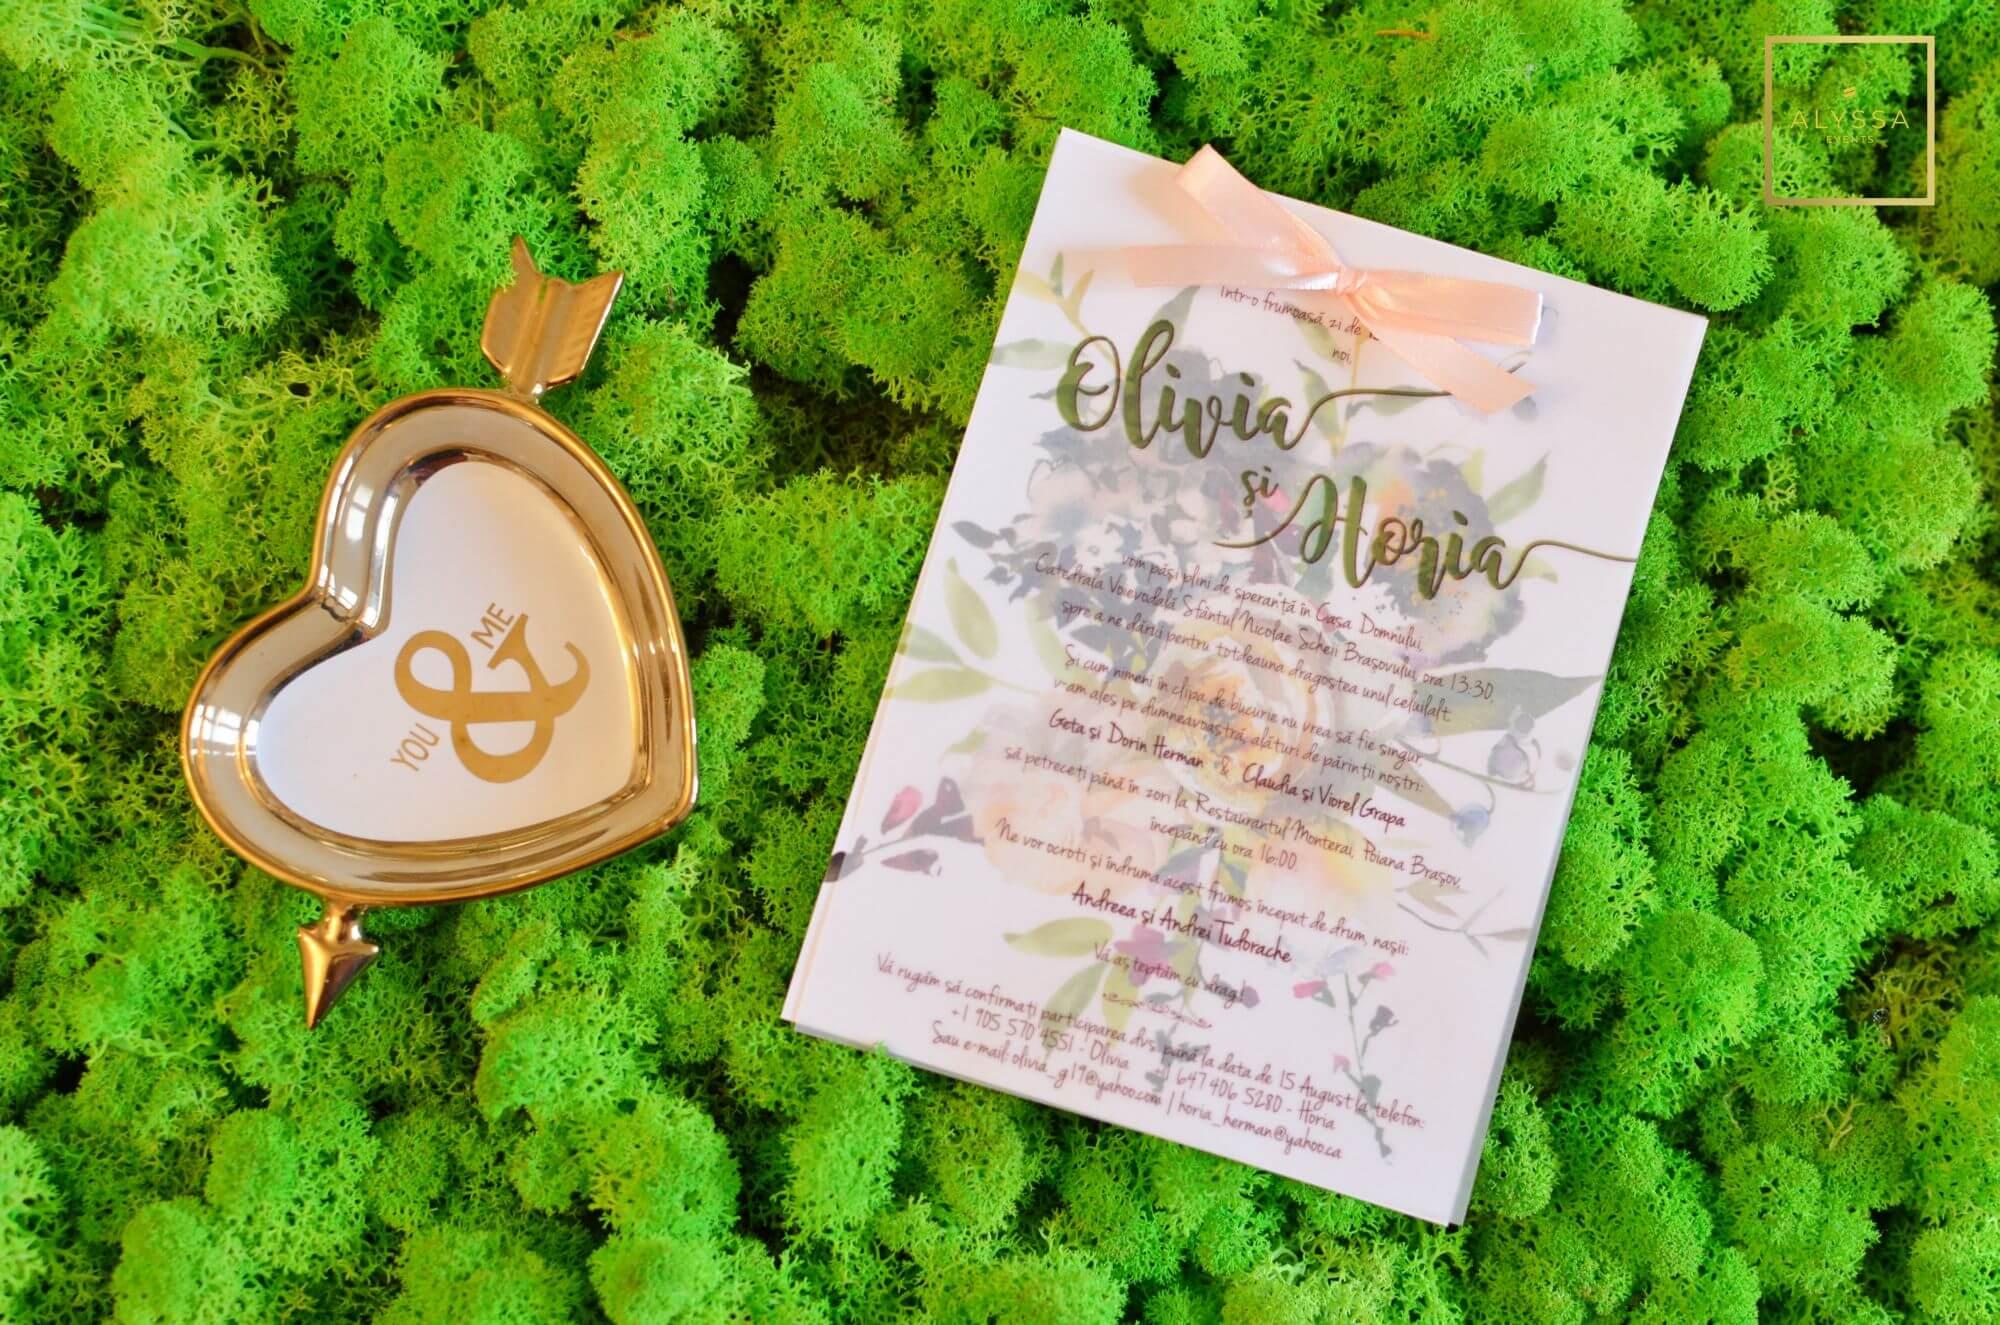 Invitatii Personalizate Alyssa Events Agentie Organizare